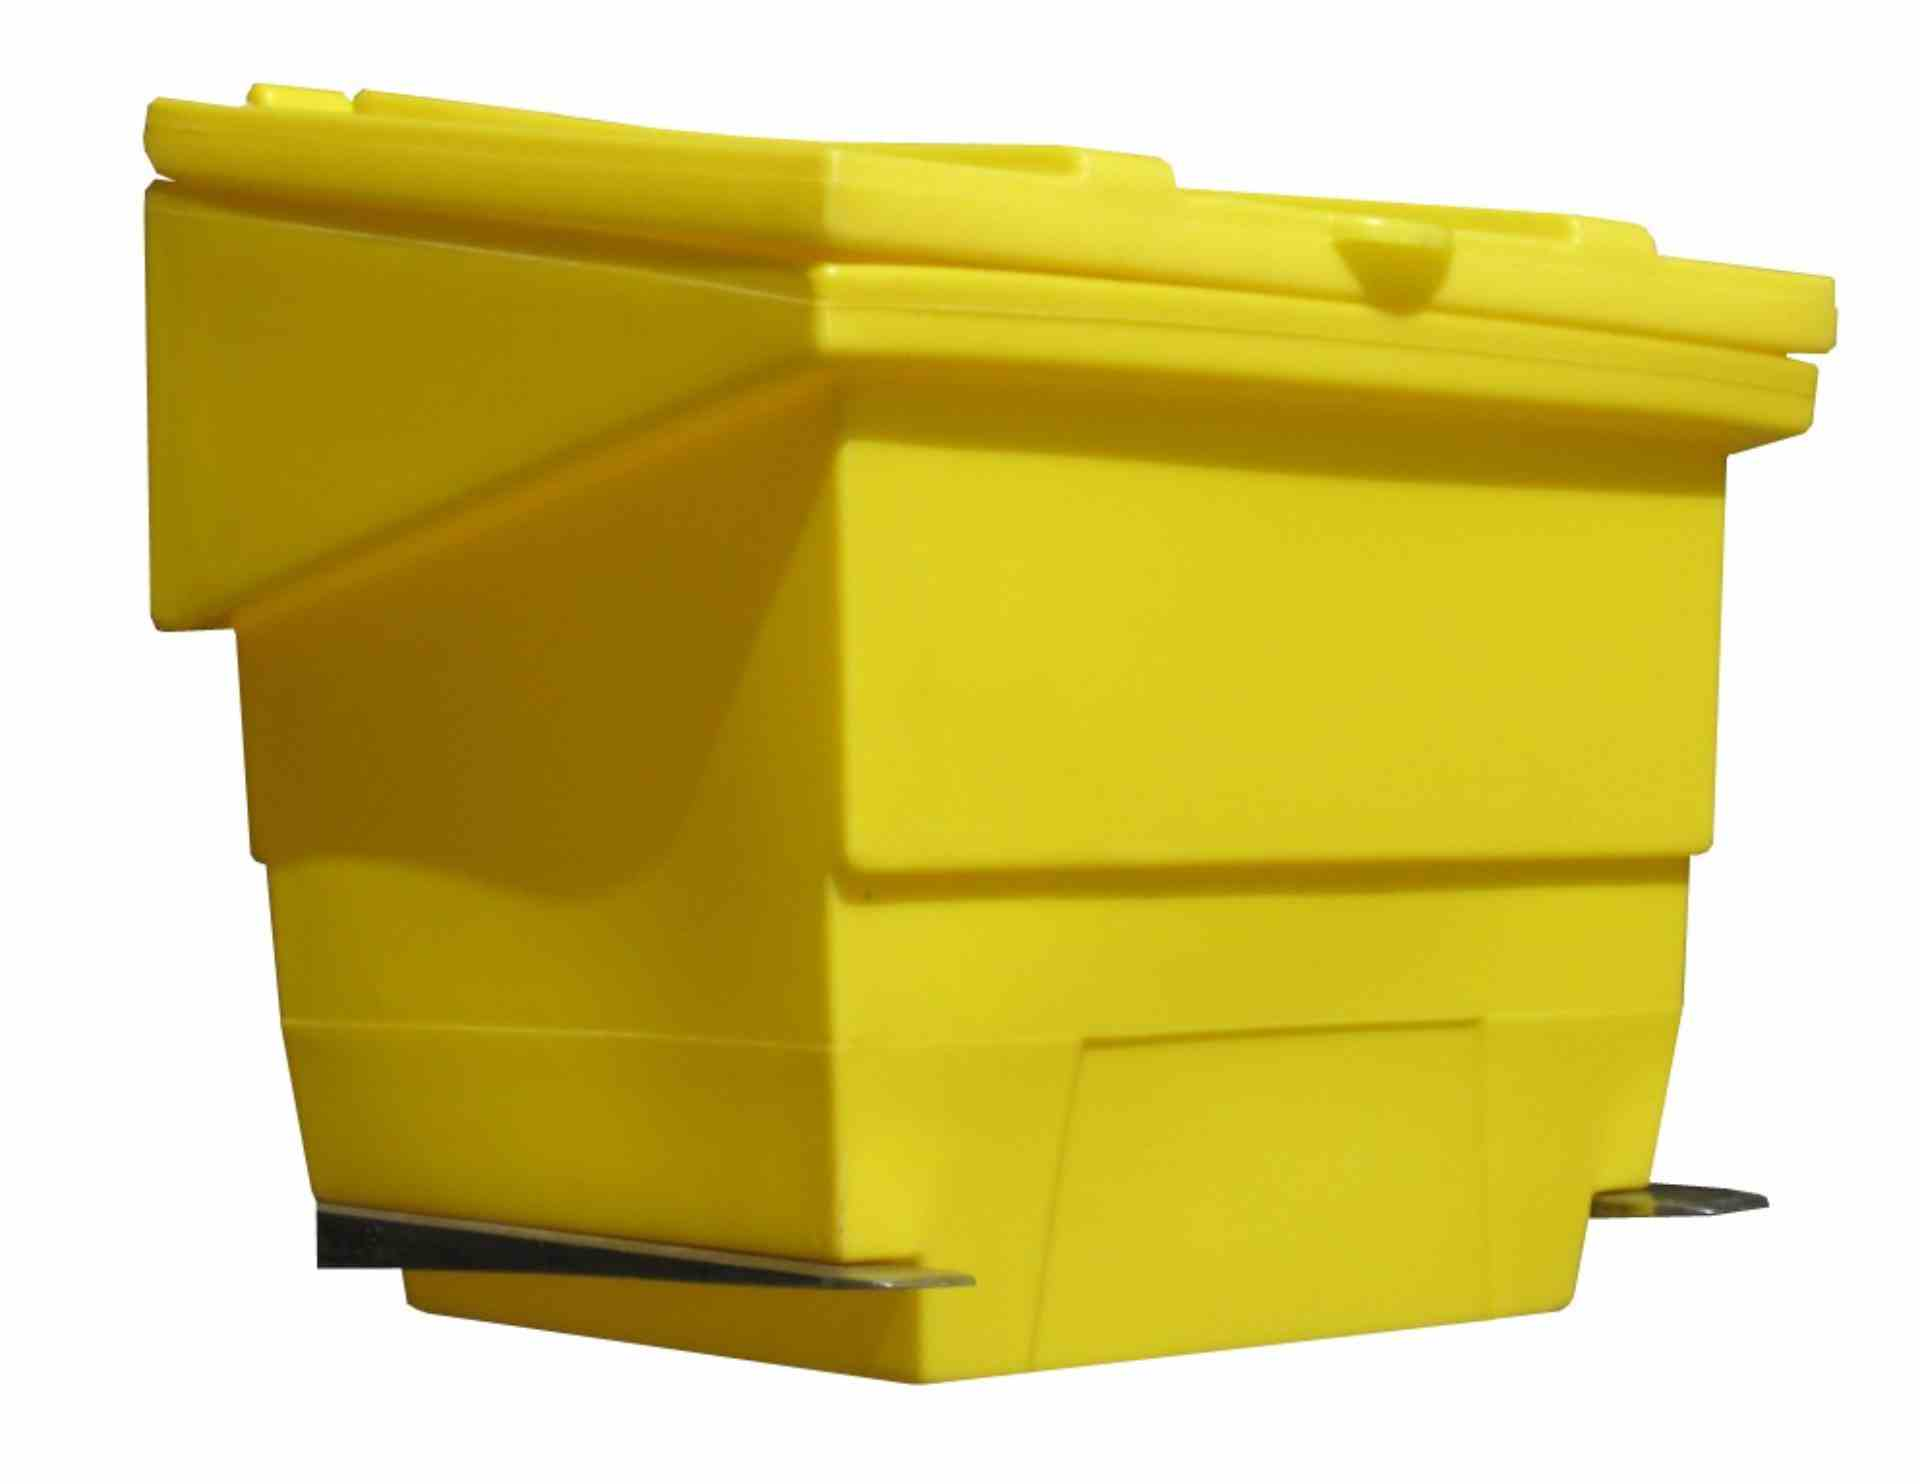 Pojemnik na sorbent/piasek 875 x 875 x 880 mm 250 l